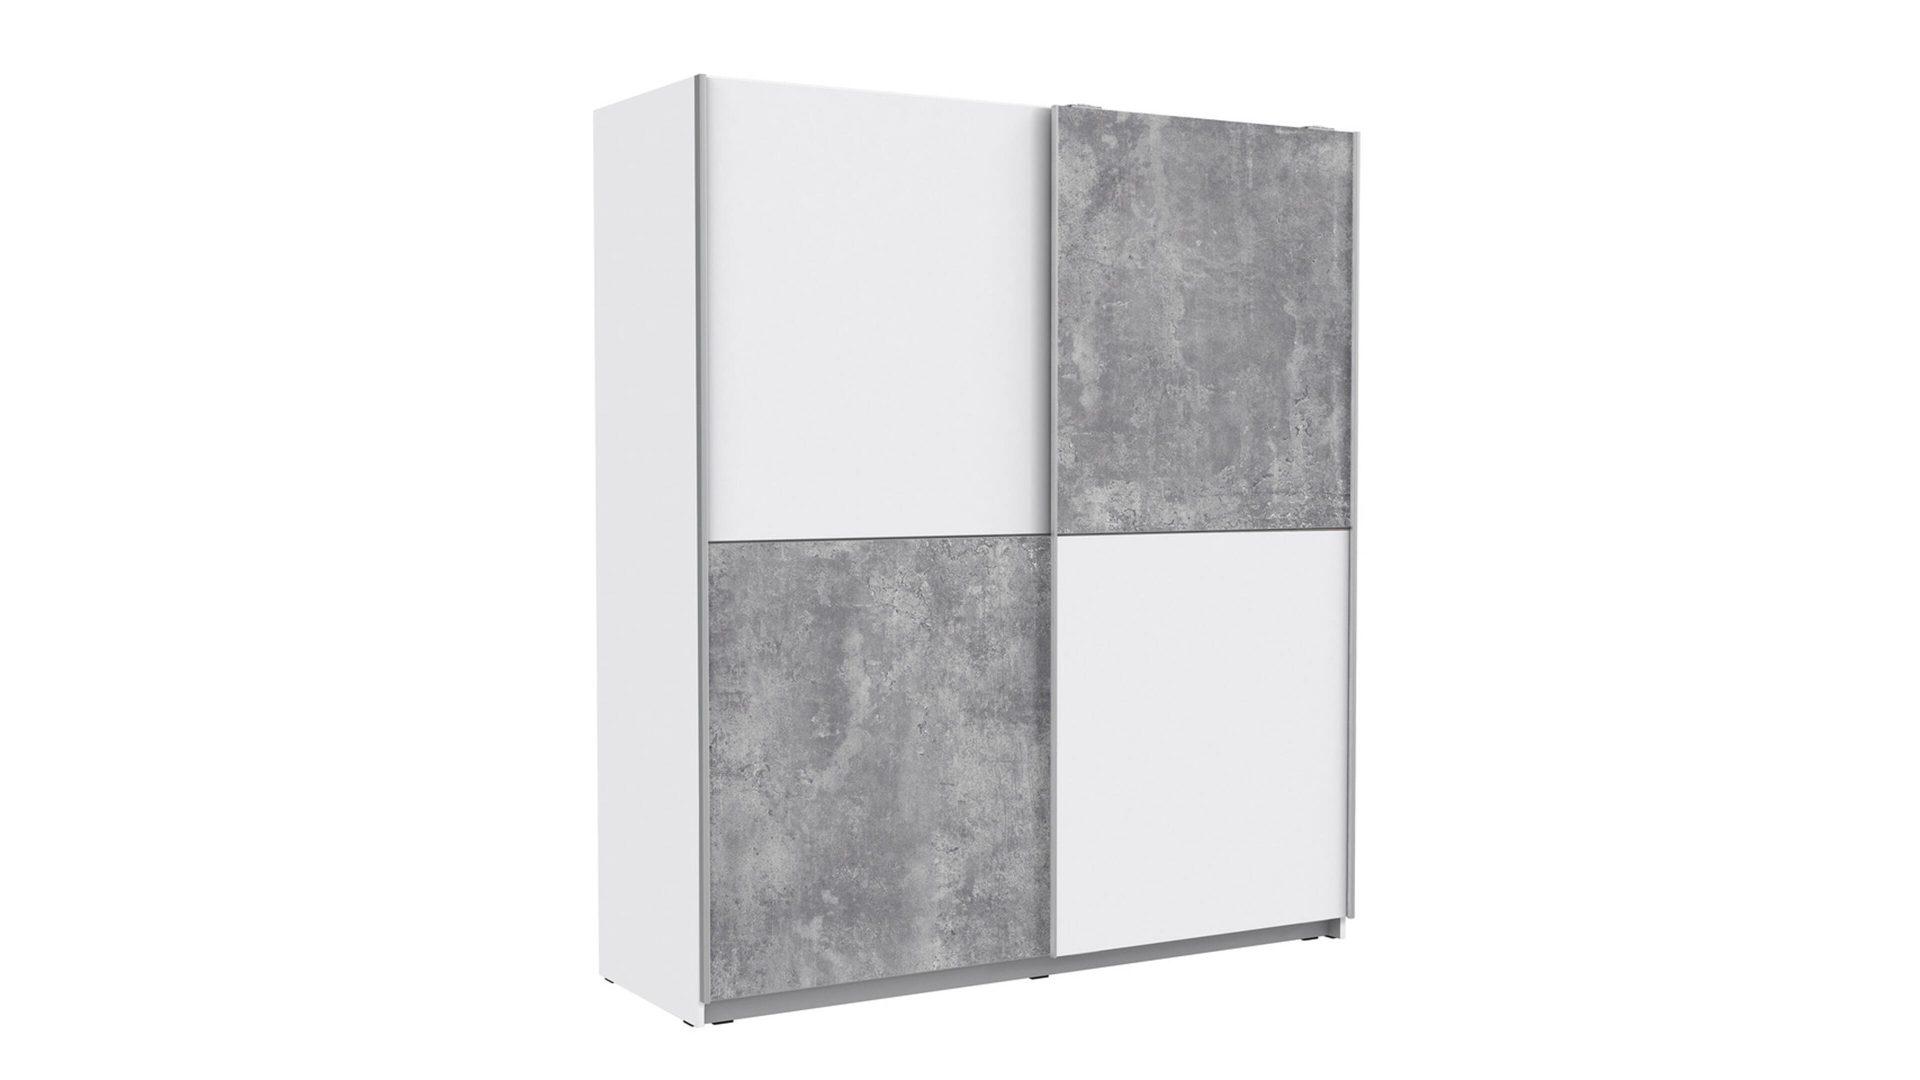 Schwebetürenschrank Bzw Kleiderschrank Weiße Betonfarbene Bad